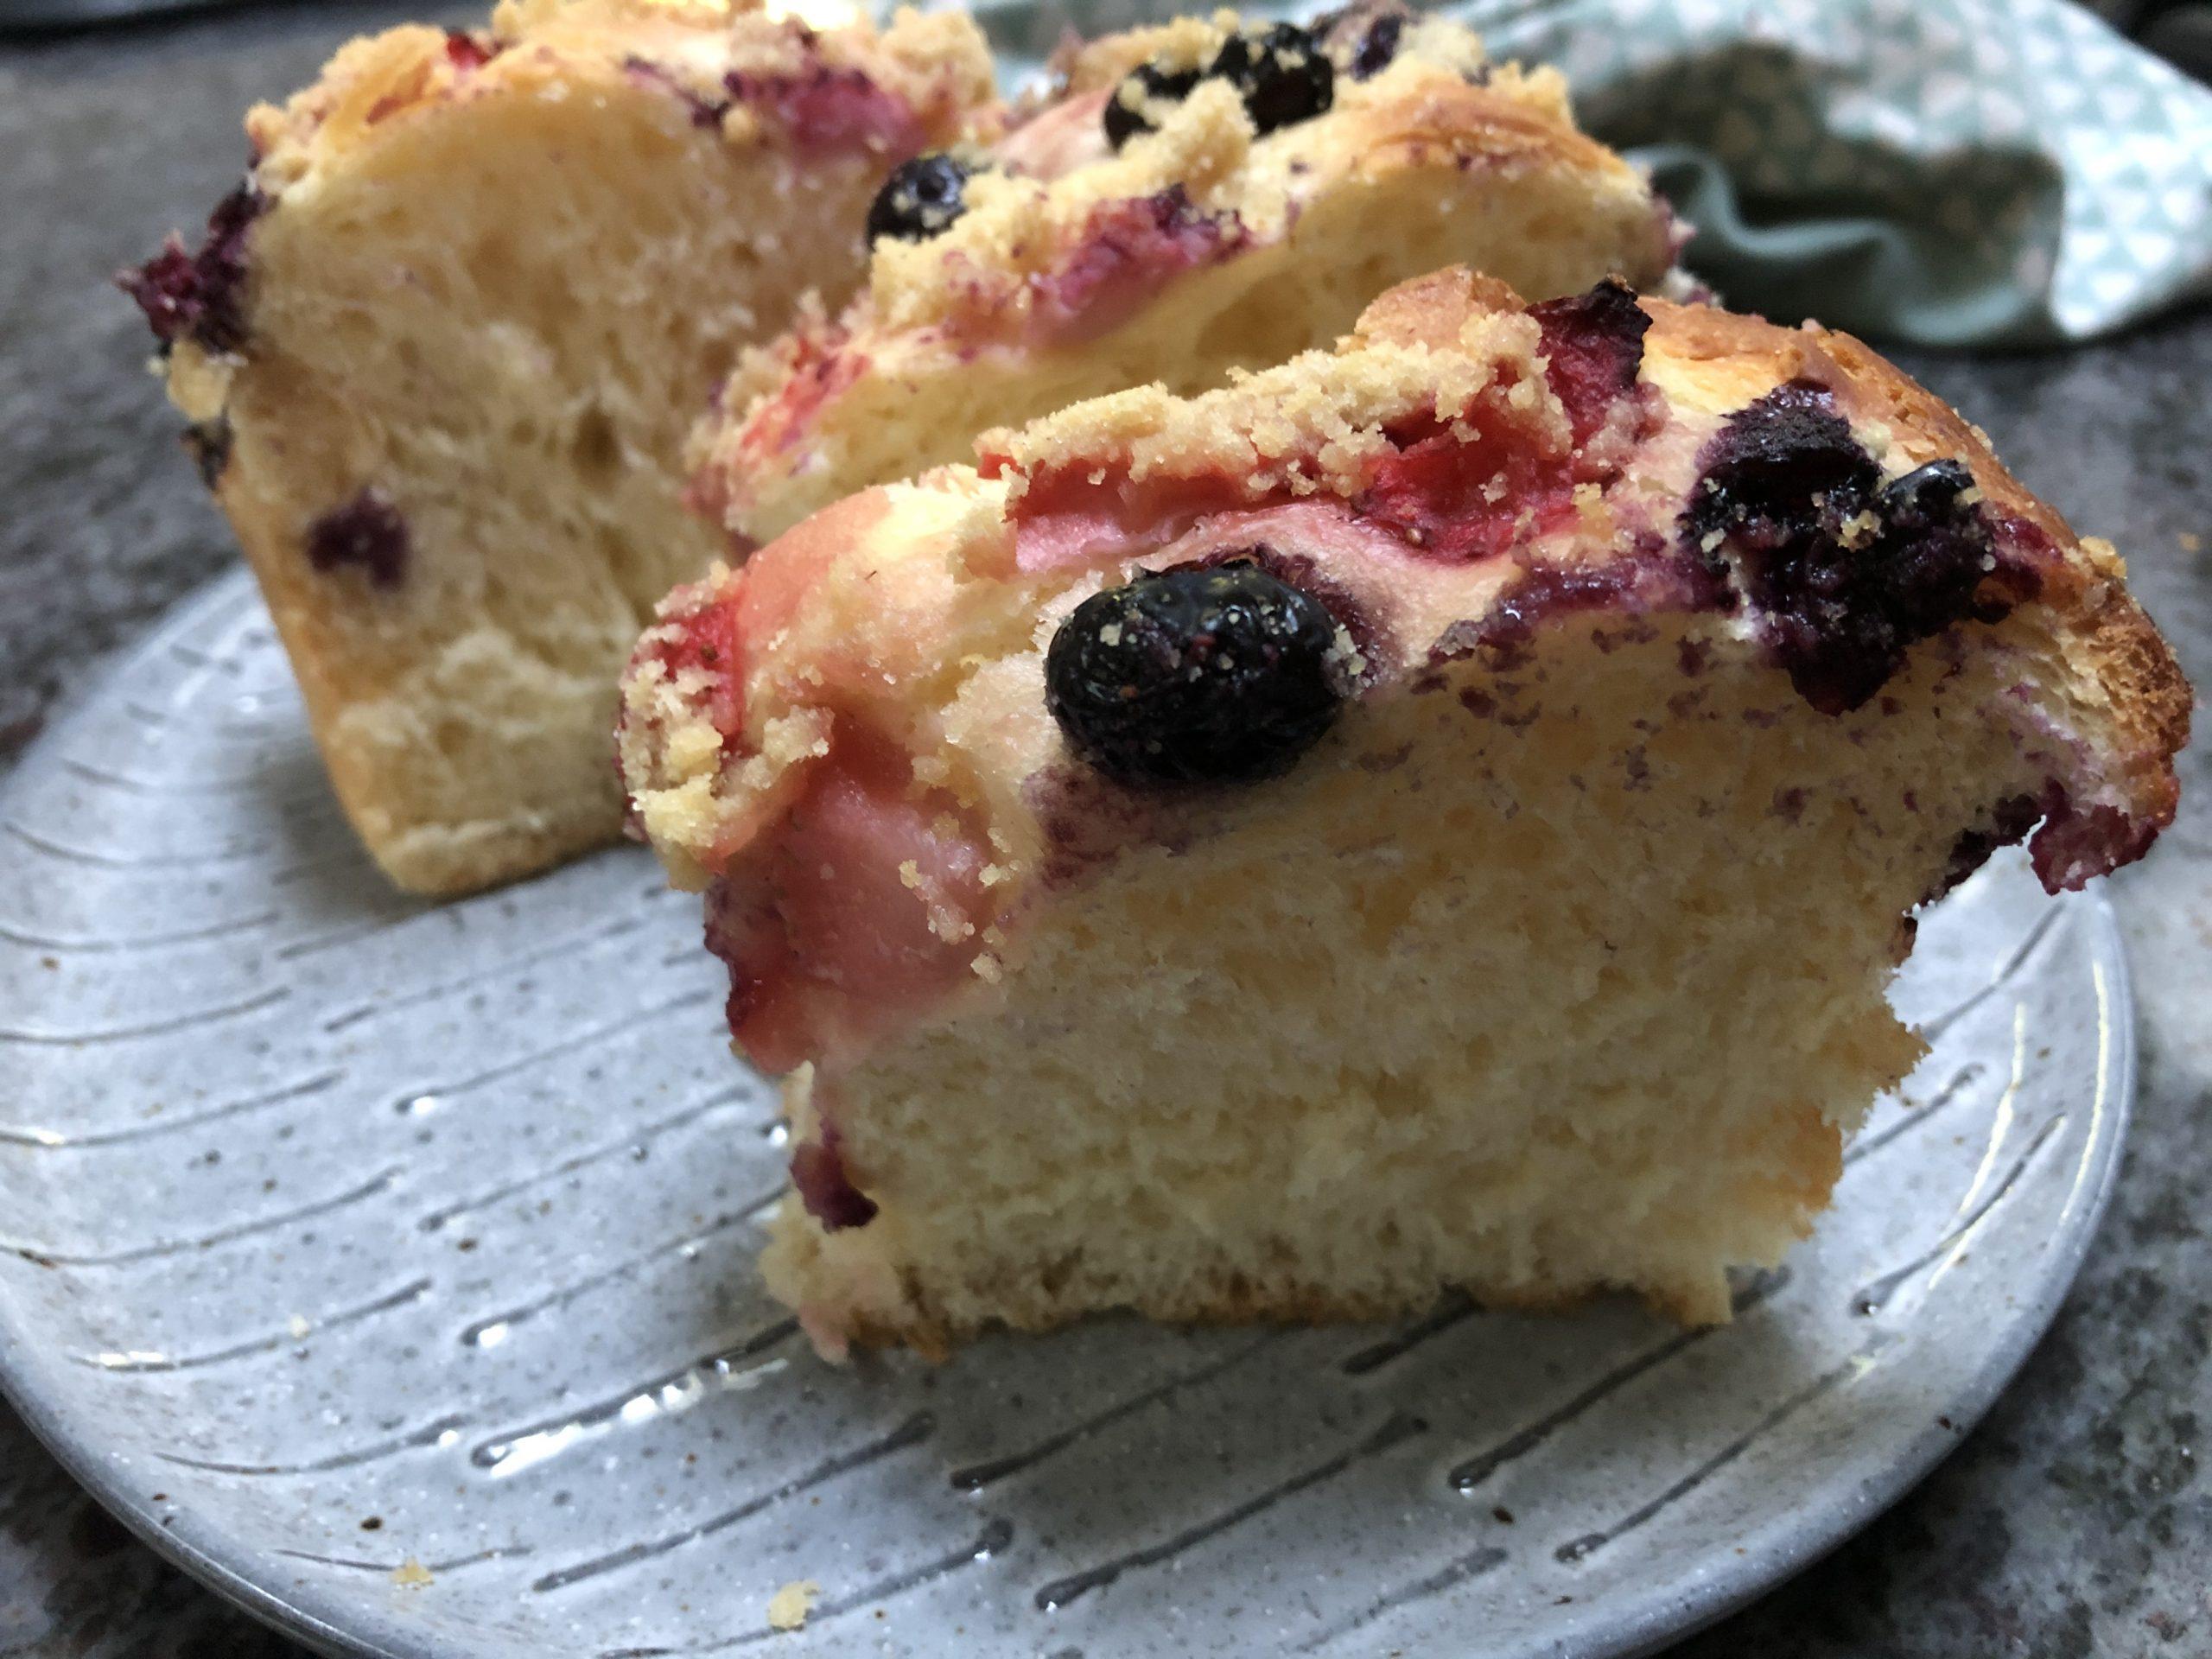 Fruit yeast cake